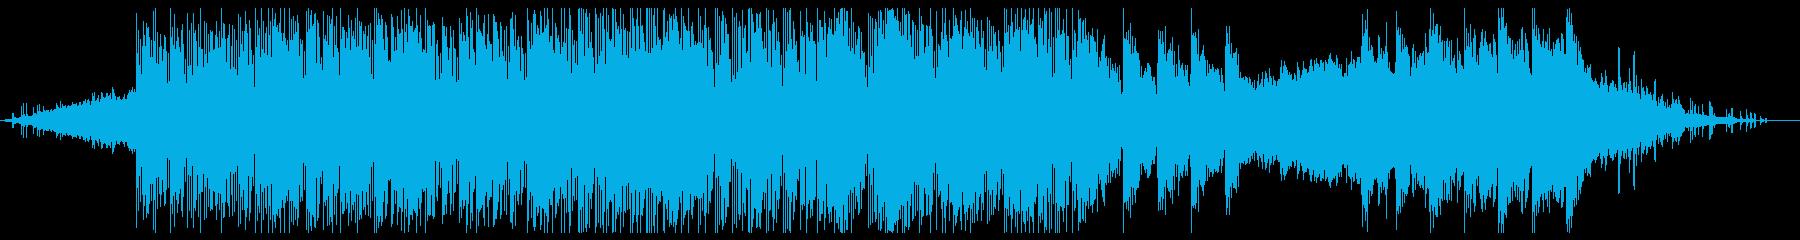 ドローンサウンドのようなアンビエン...の再生済みの波形